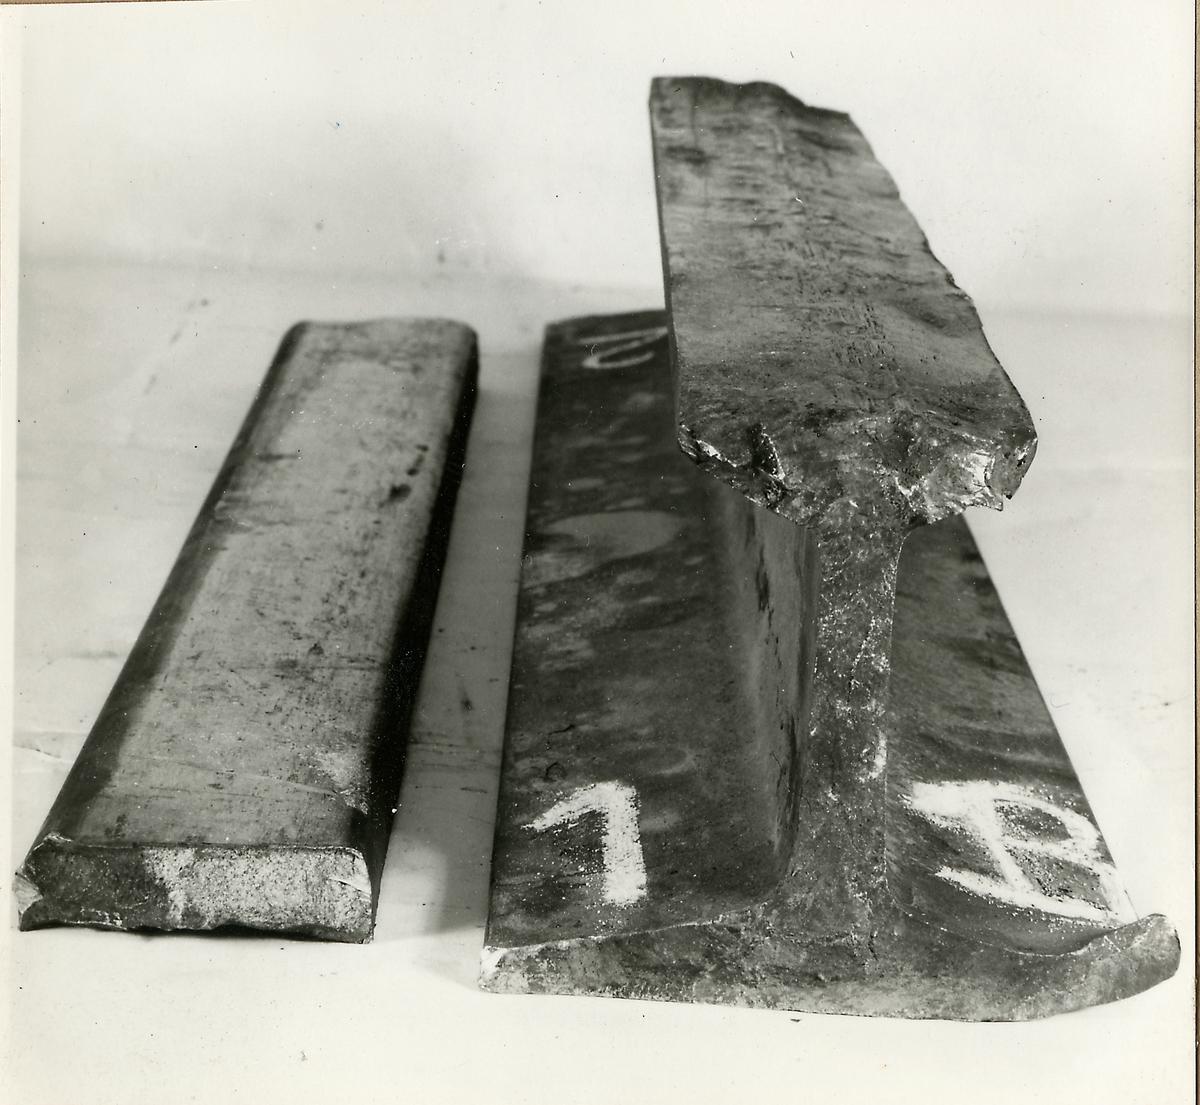 Delar av räl efter rälsbrott vid Getå den 30/5 1959.